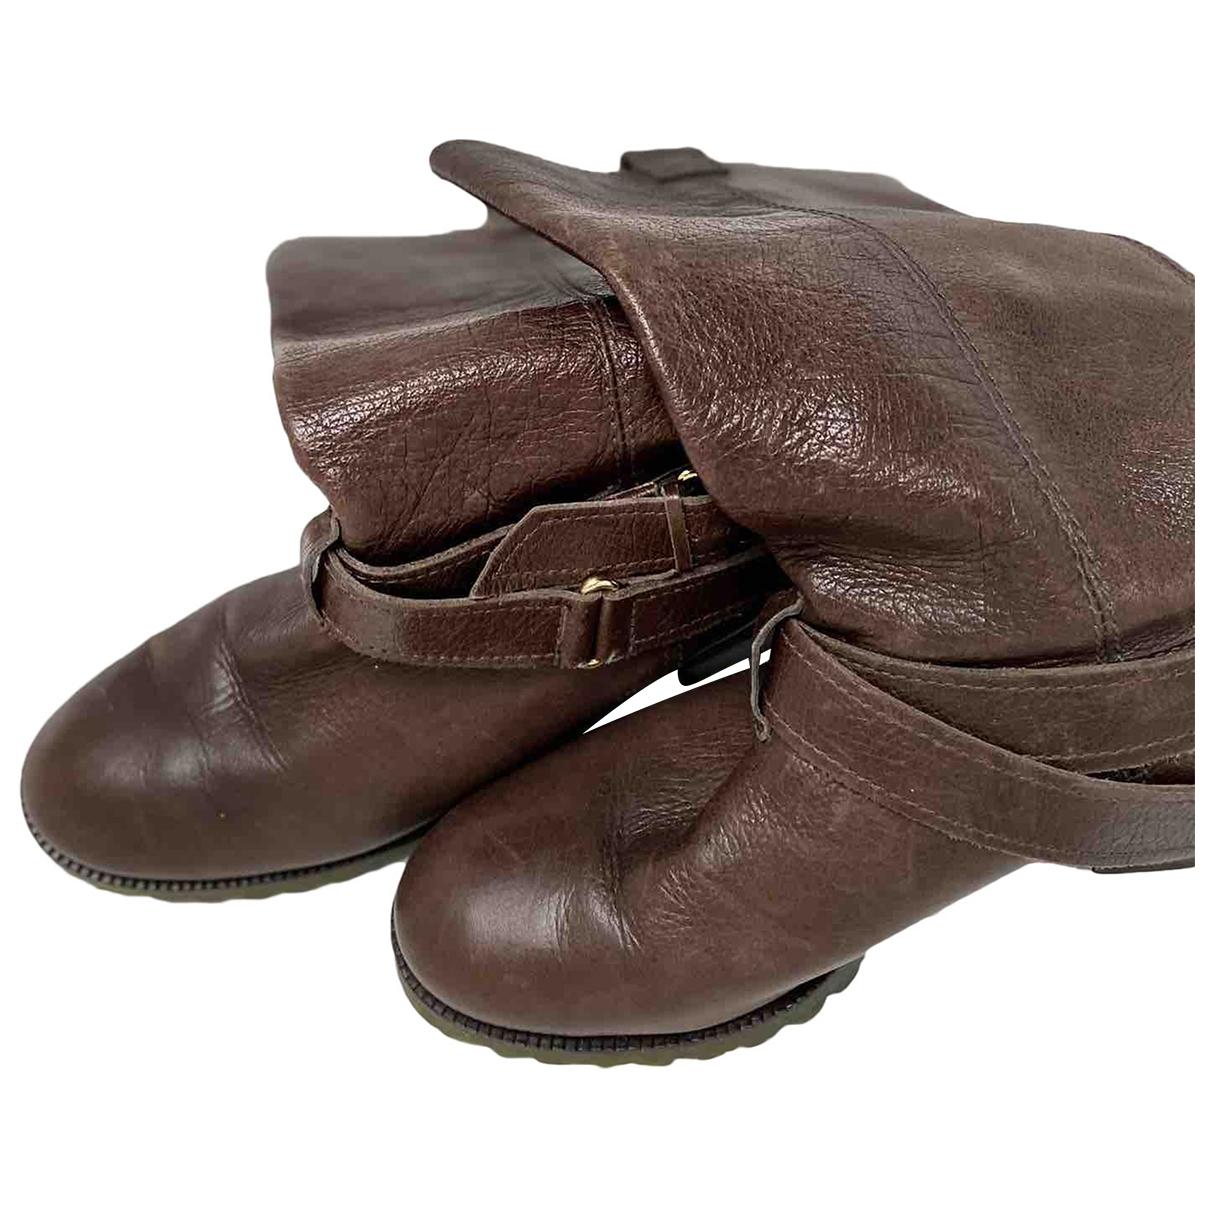 Diane Von Furstenberg \N Brown Leather Boots for Women 5 UK